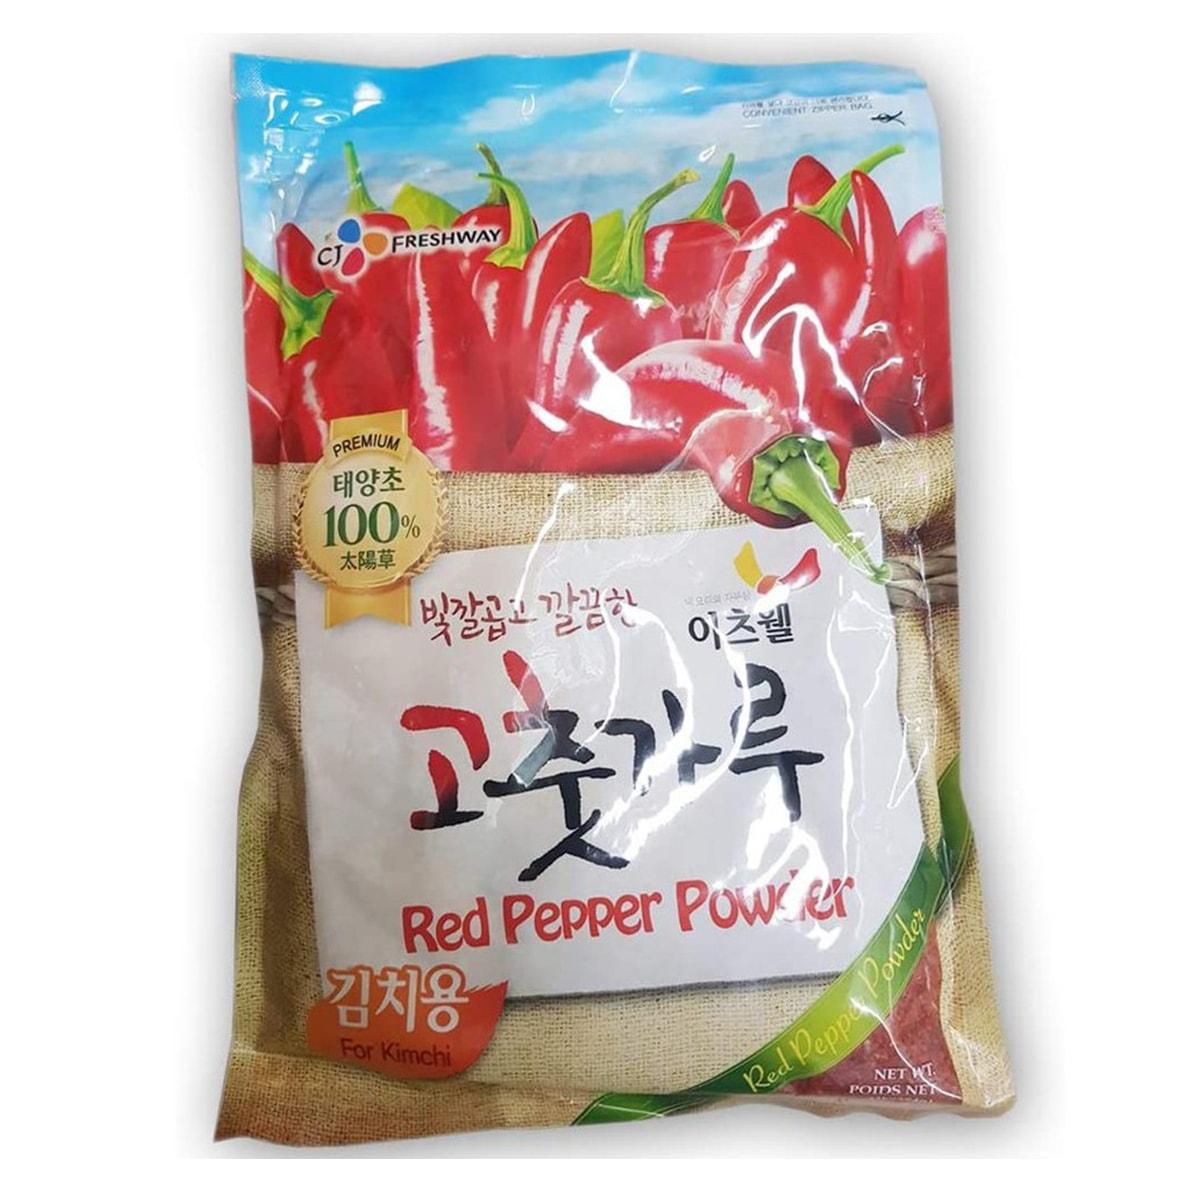 Buy CJ Freshway Gochugaru (Korean Red Pepper Powder for Kimchi) [Fine] - 454 gm